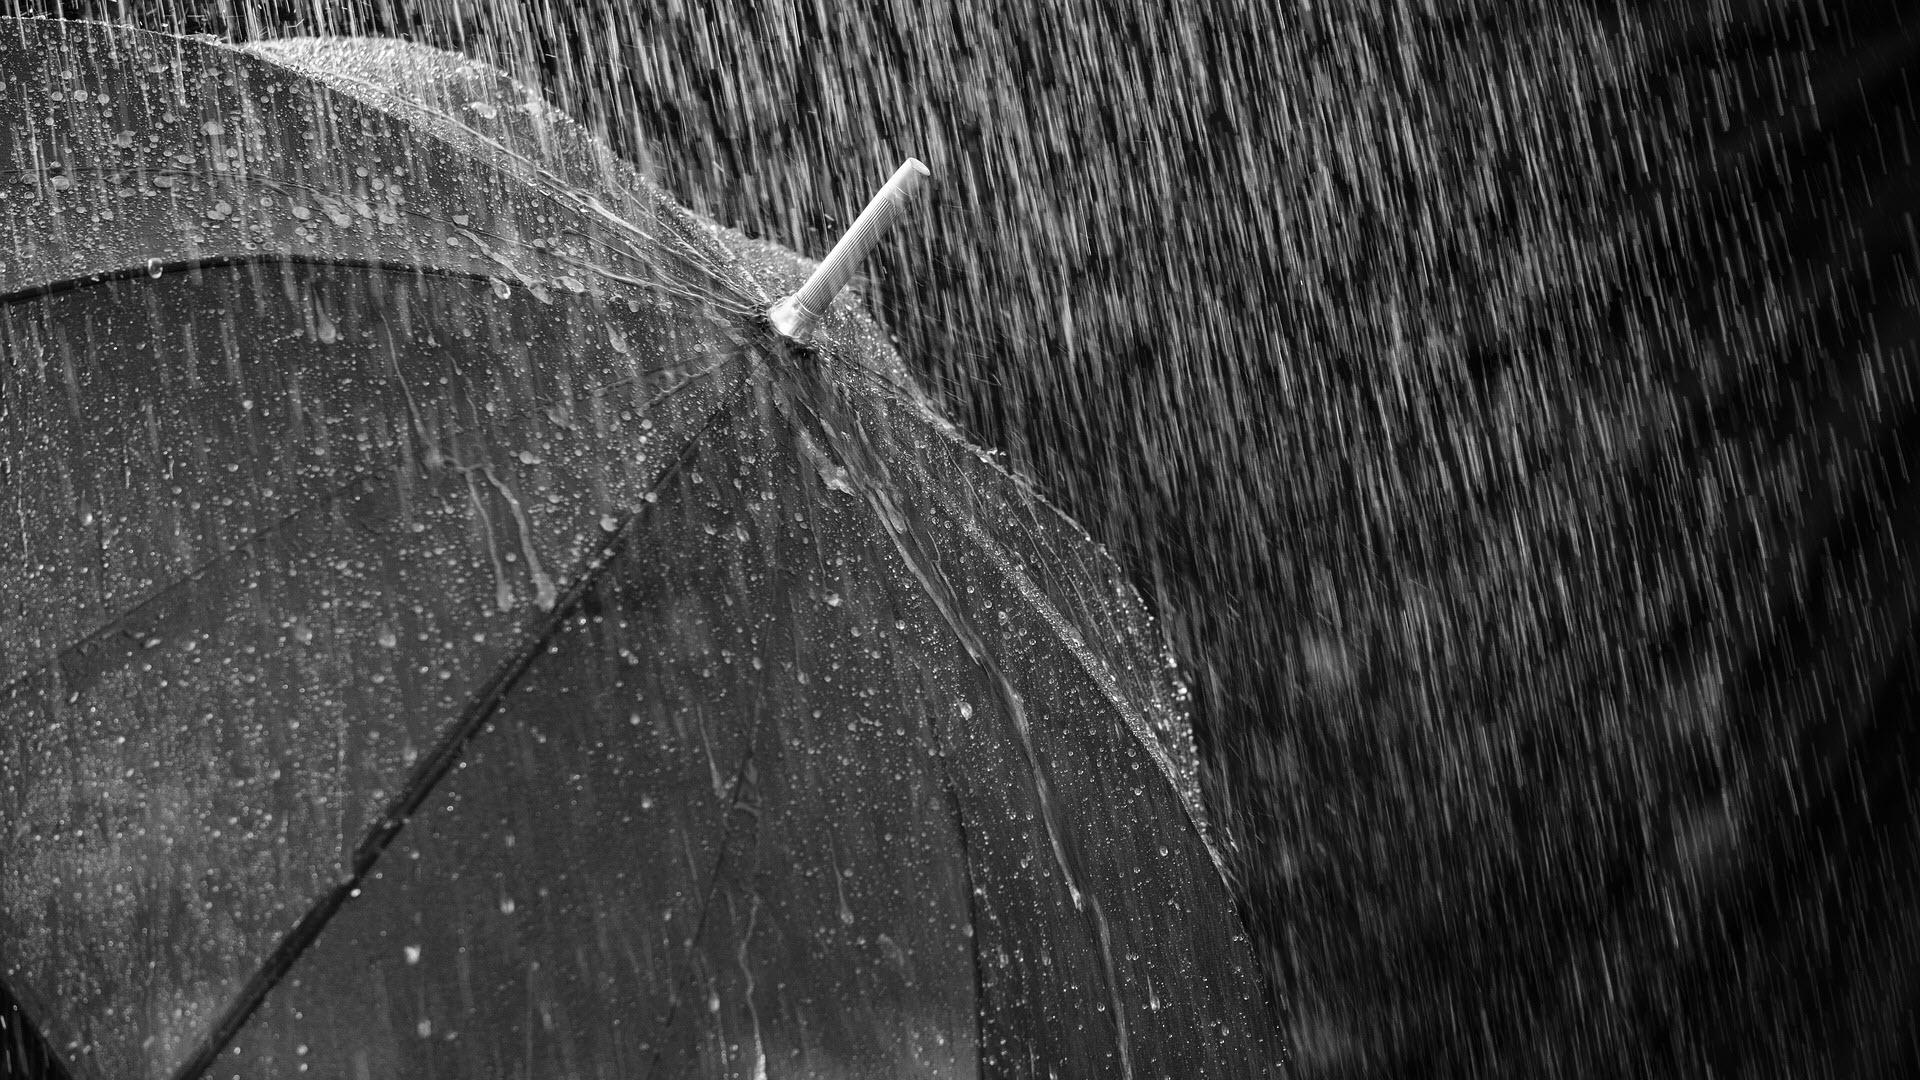 Hình nền HD cho máy tính mưa rơi trên chiếc ô